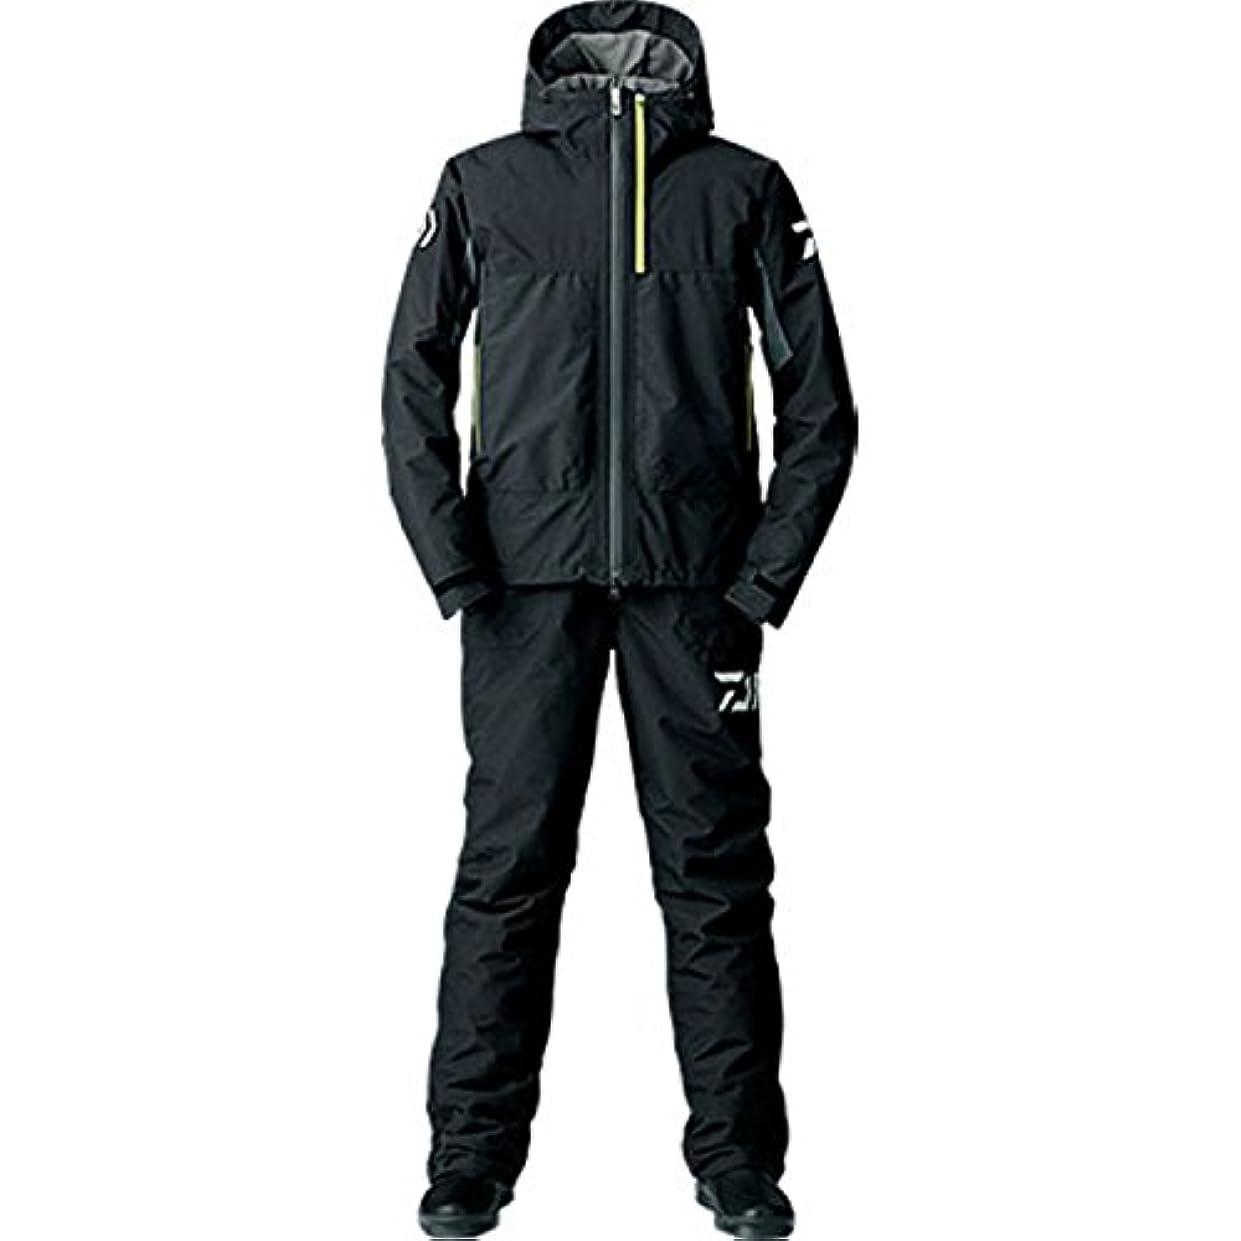 からジャーナリストサスペンドダイワ  ゴアテックス プロダクト ウィンター スーツ DW-1204 ブラック 2XL